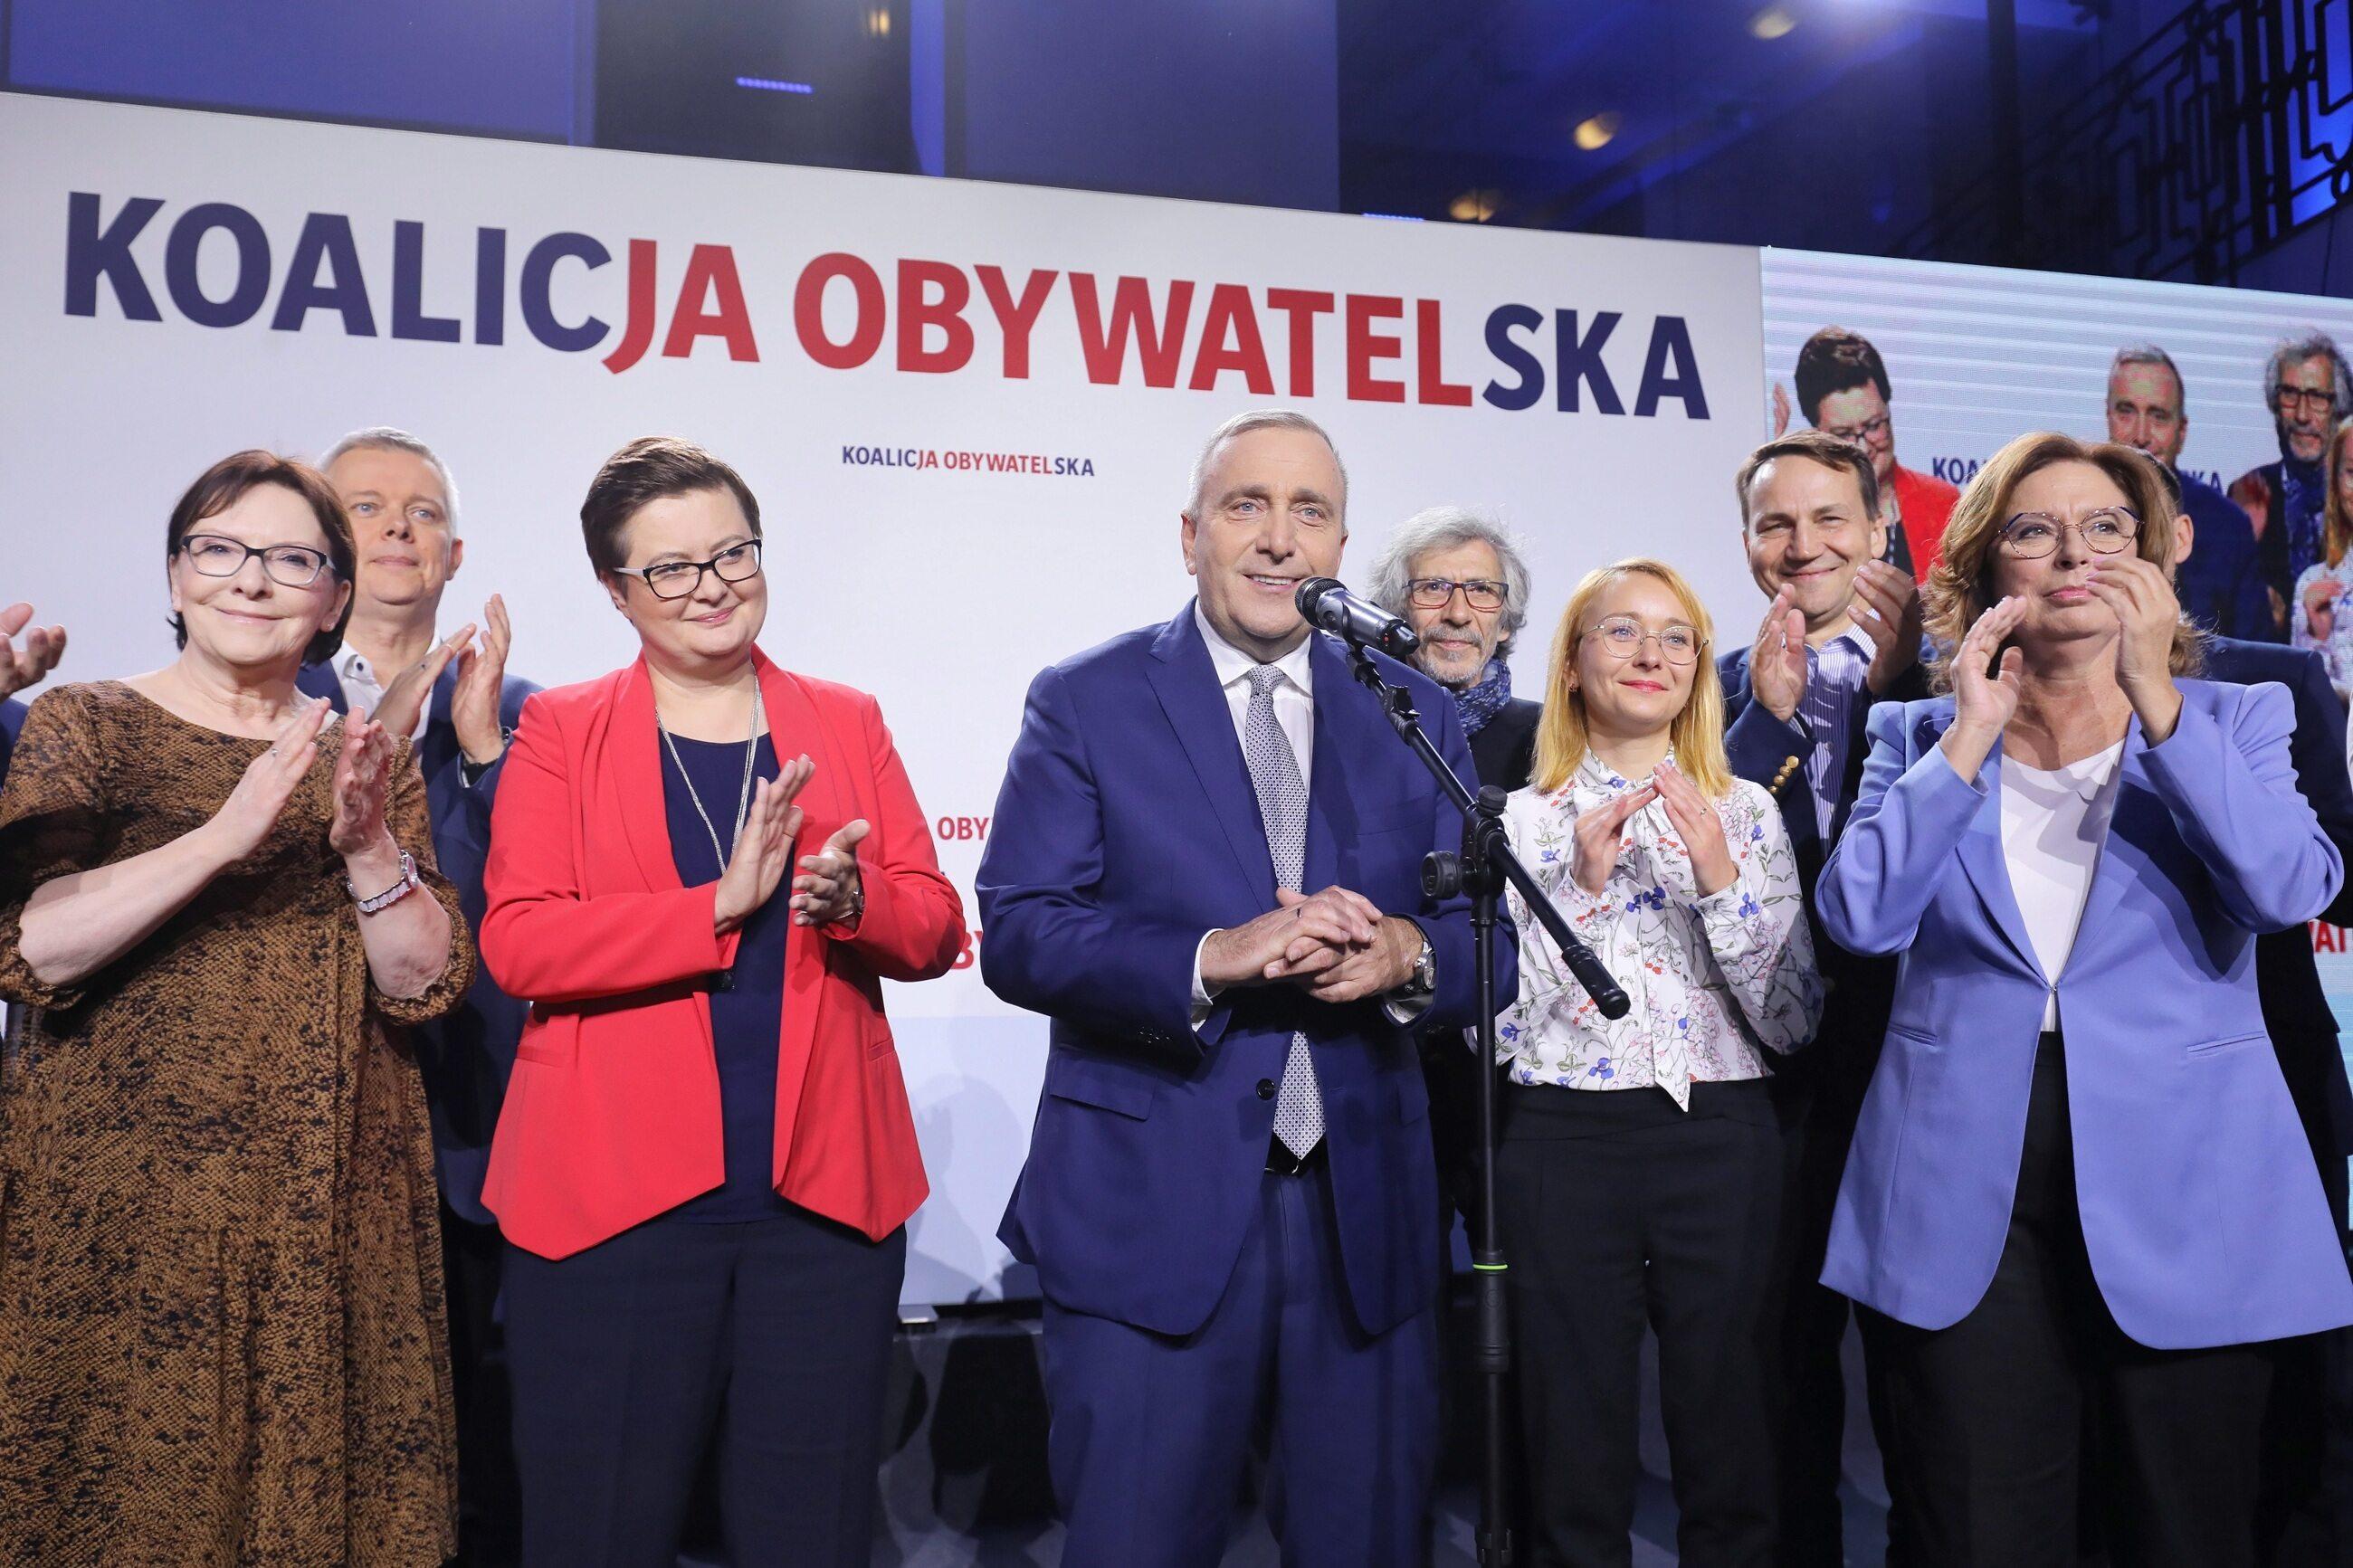 Grzegorz Schetyna, Koalicja Obywatelska